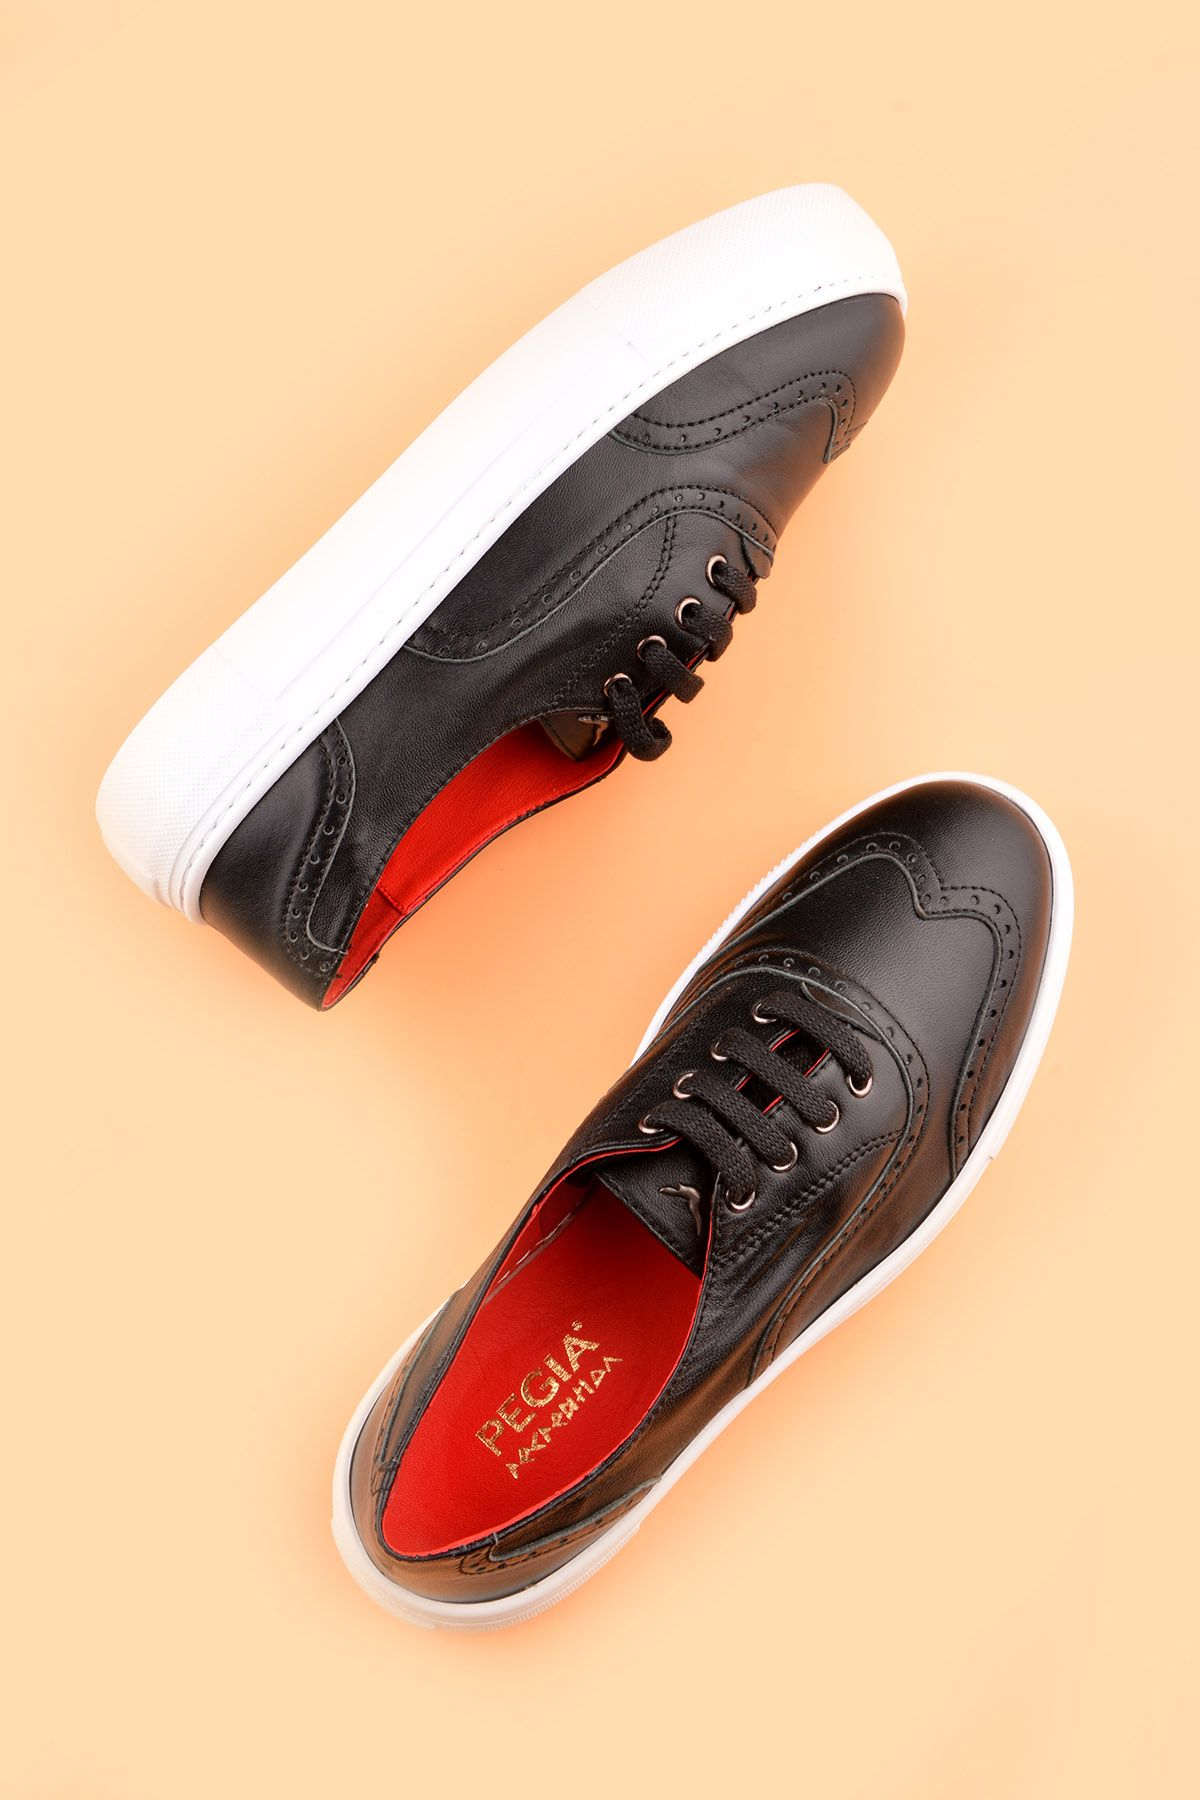 Pegia Chatalet Hakiki Deri Bayan Oxford Ayakkabı REC-014 Siyah